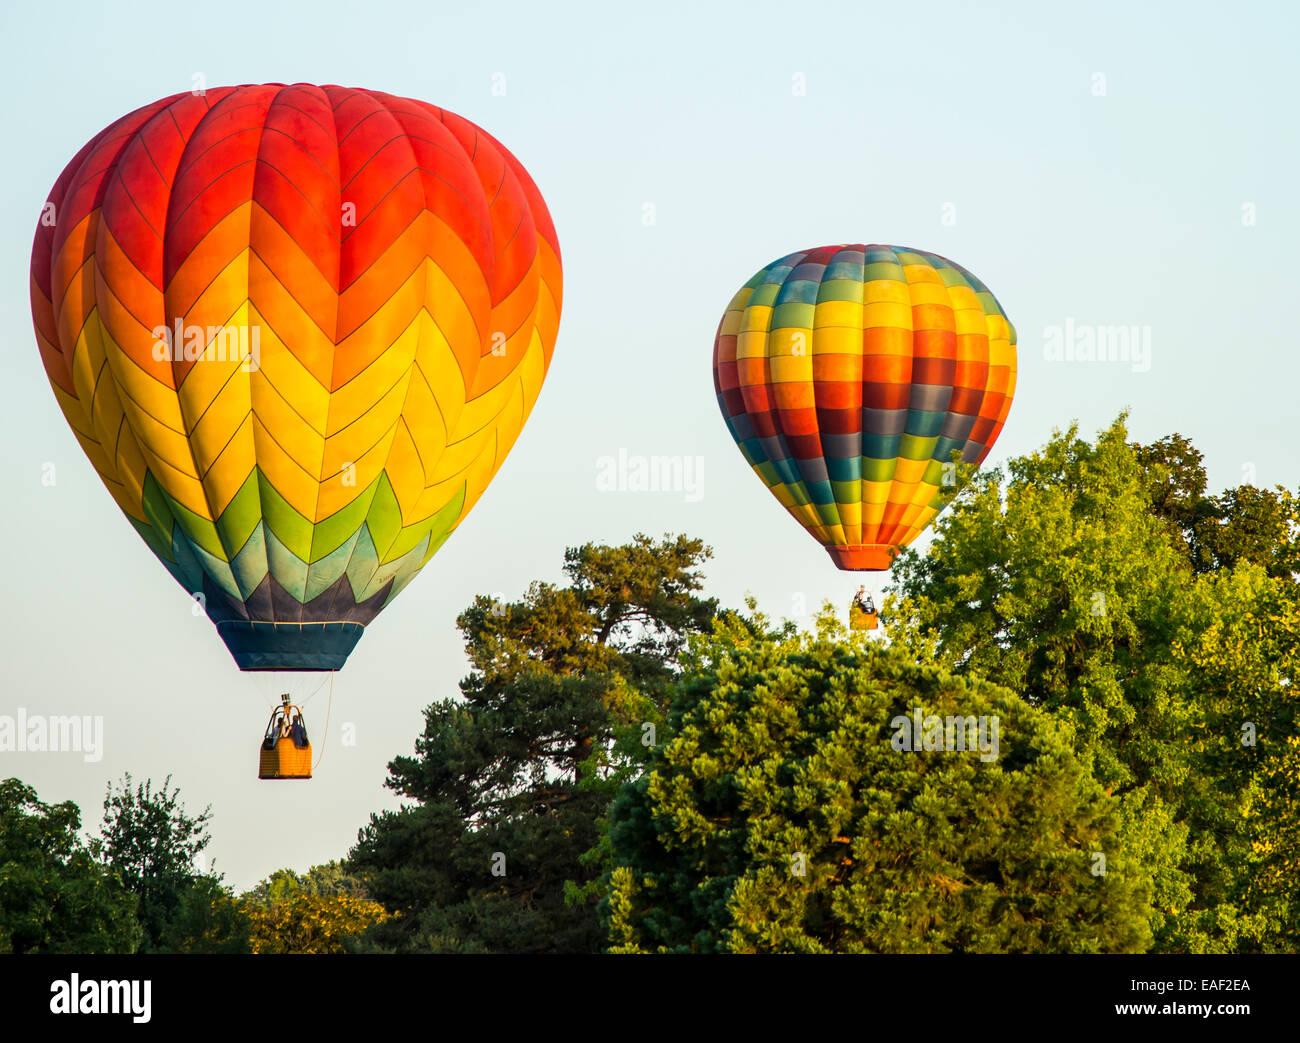 Colorful Hot Air Balloons hovering over trees in Ann Morrison Park. Spirit of Boise Ballloon Festival, Boise, Idaho, - Stock Image